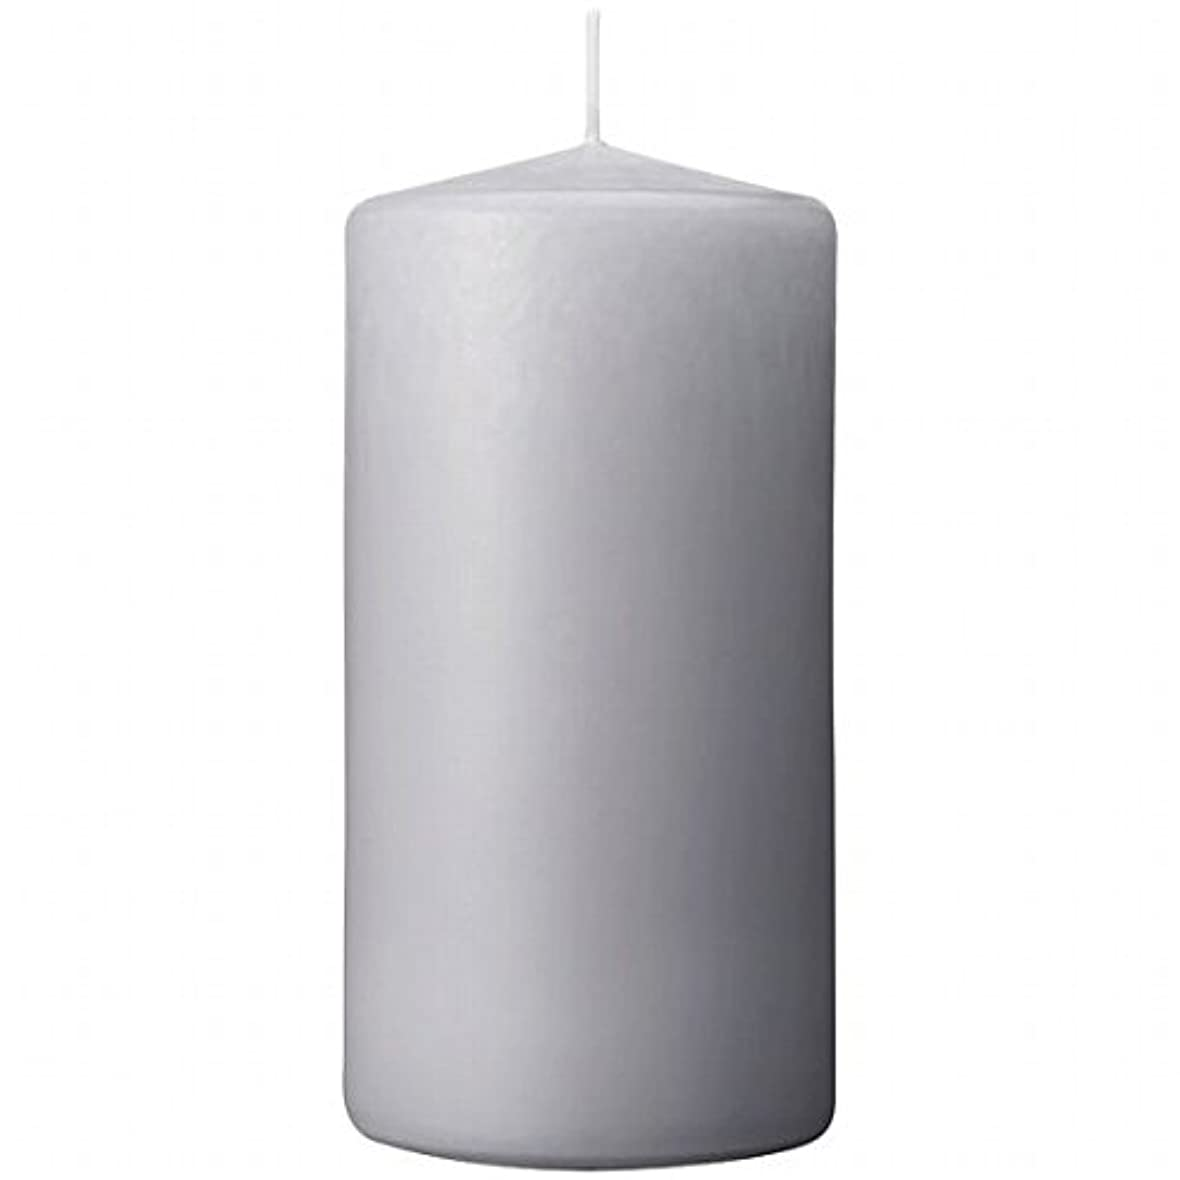 やろうマグジェムカメヤマキャンドル(kameyama candle) 3×6ベルトップピラーキャンドル 「 ライトグレー 」